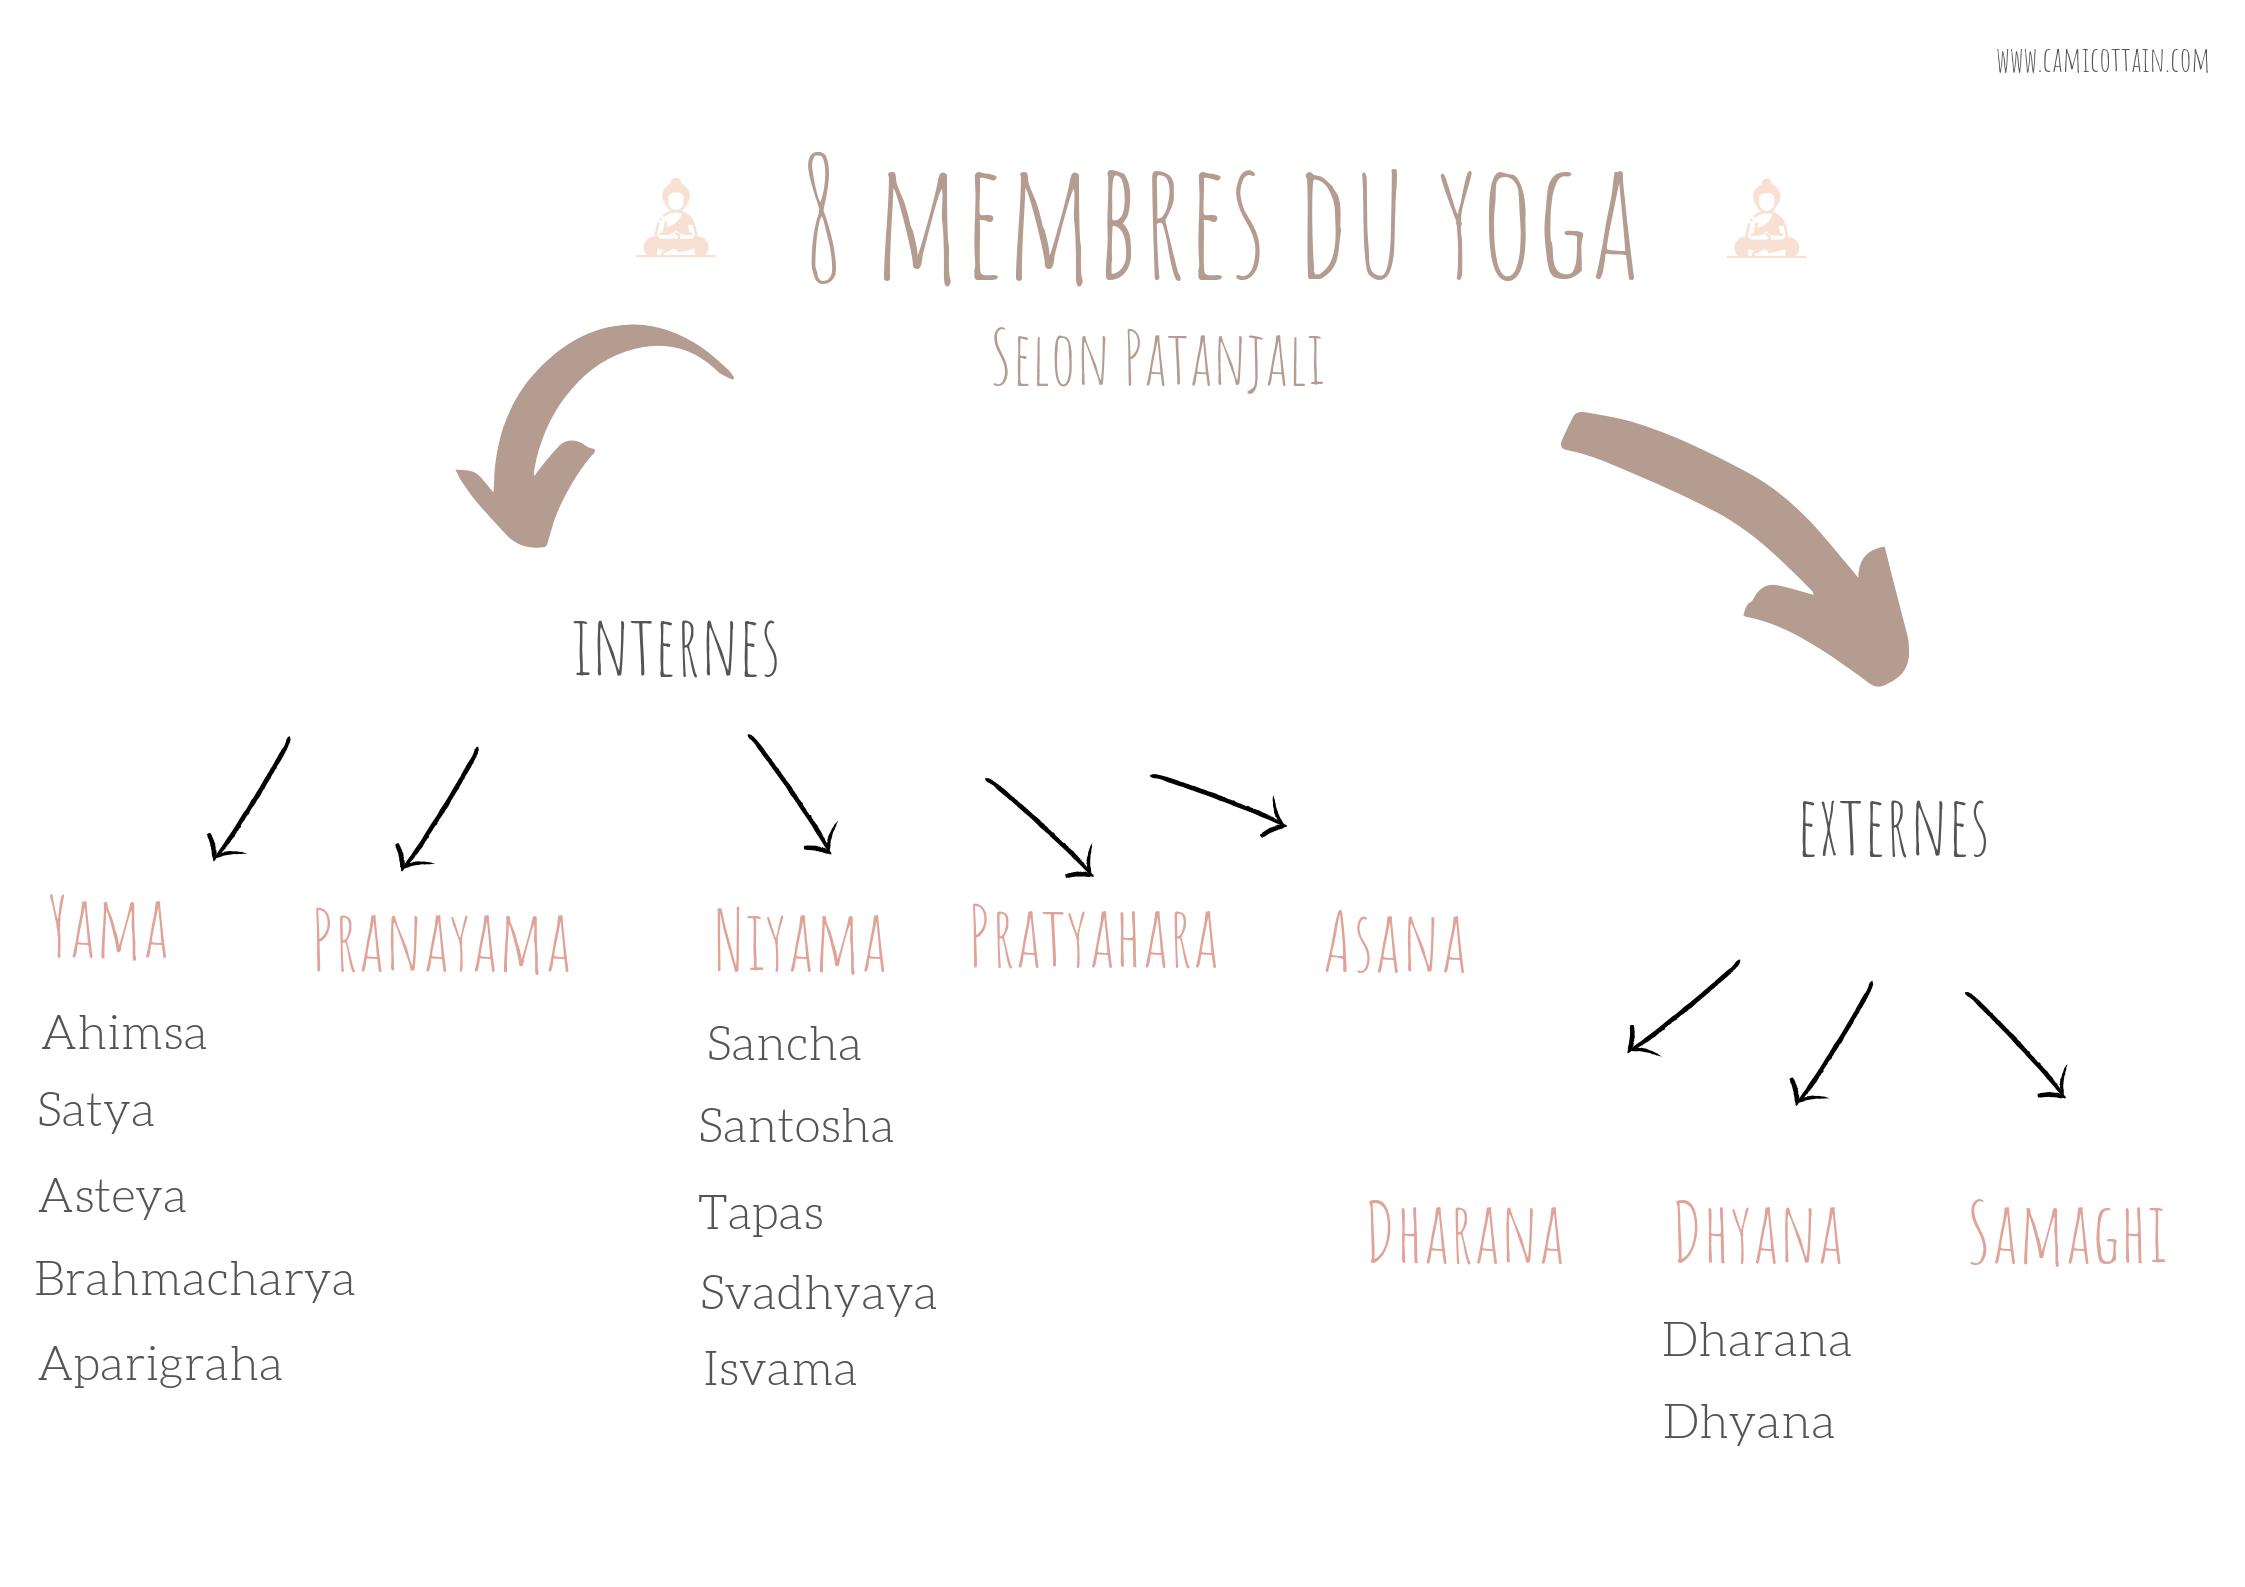 les 8 membres du yoga selon Patanjali. Membres internes et externes.